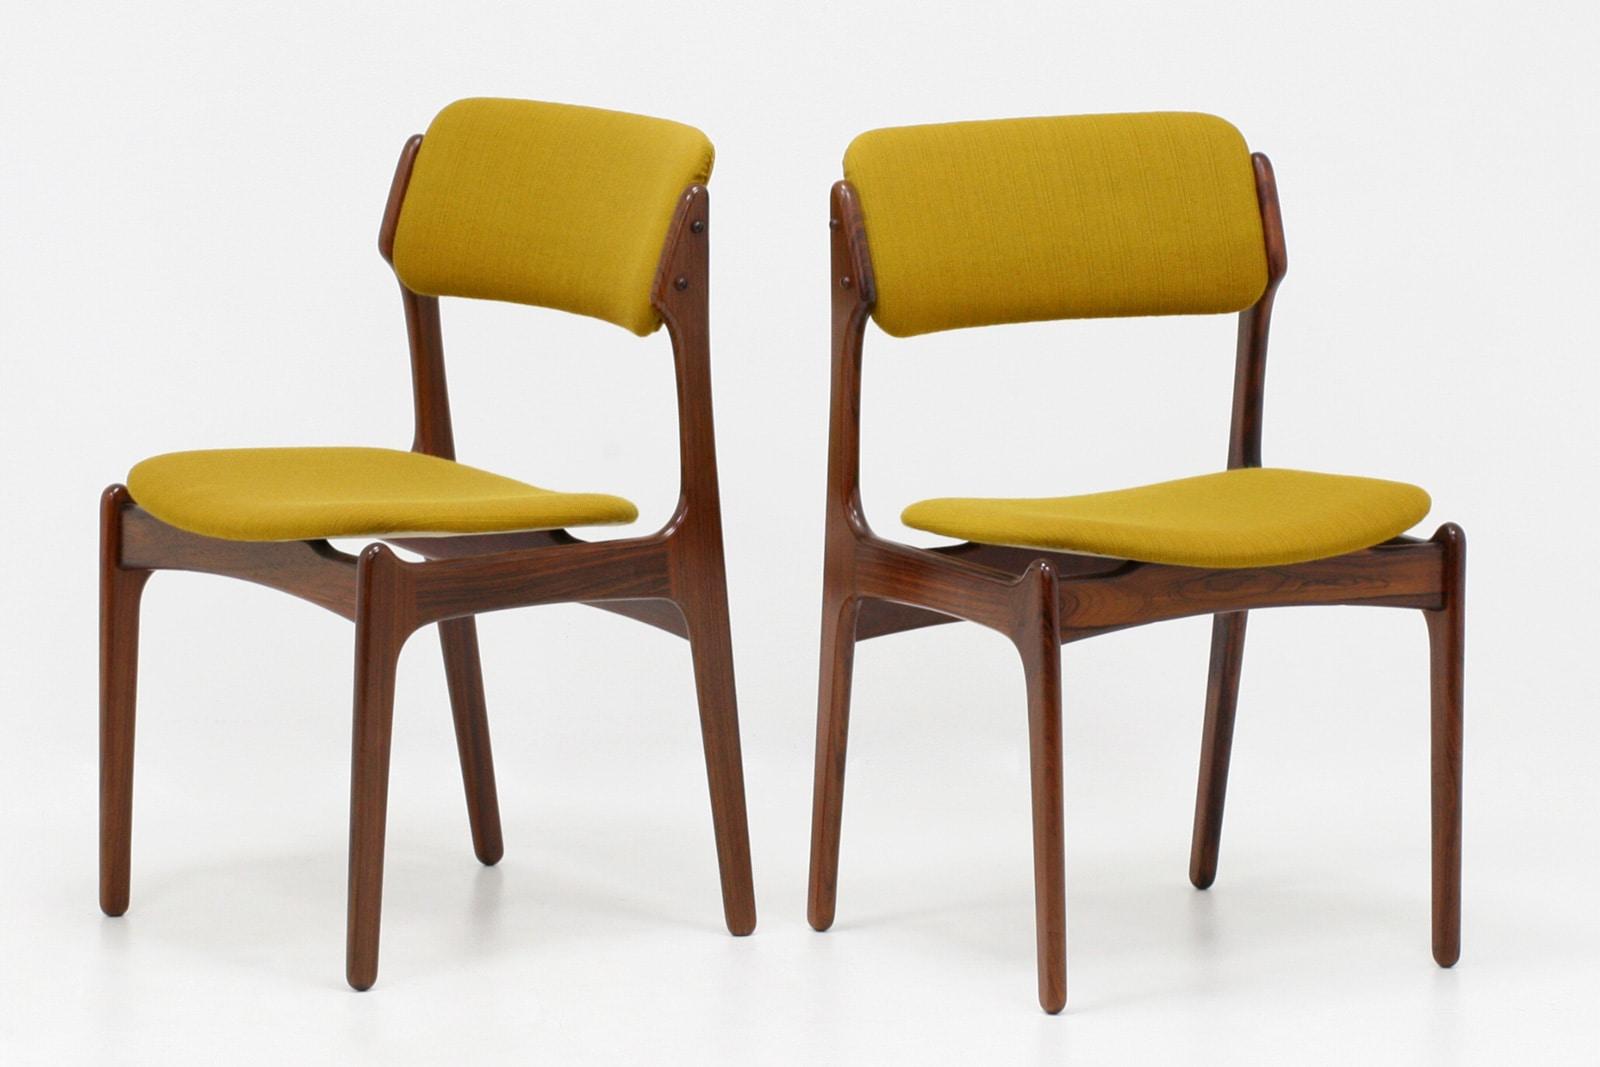 北欧,デザイナーズ,家具,チェア,エリックバック,2脚,セット